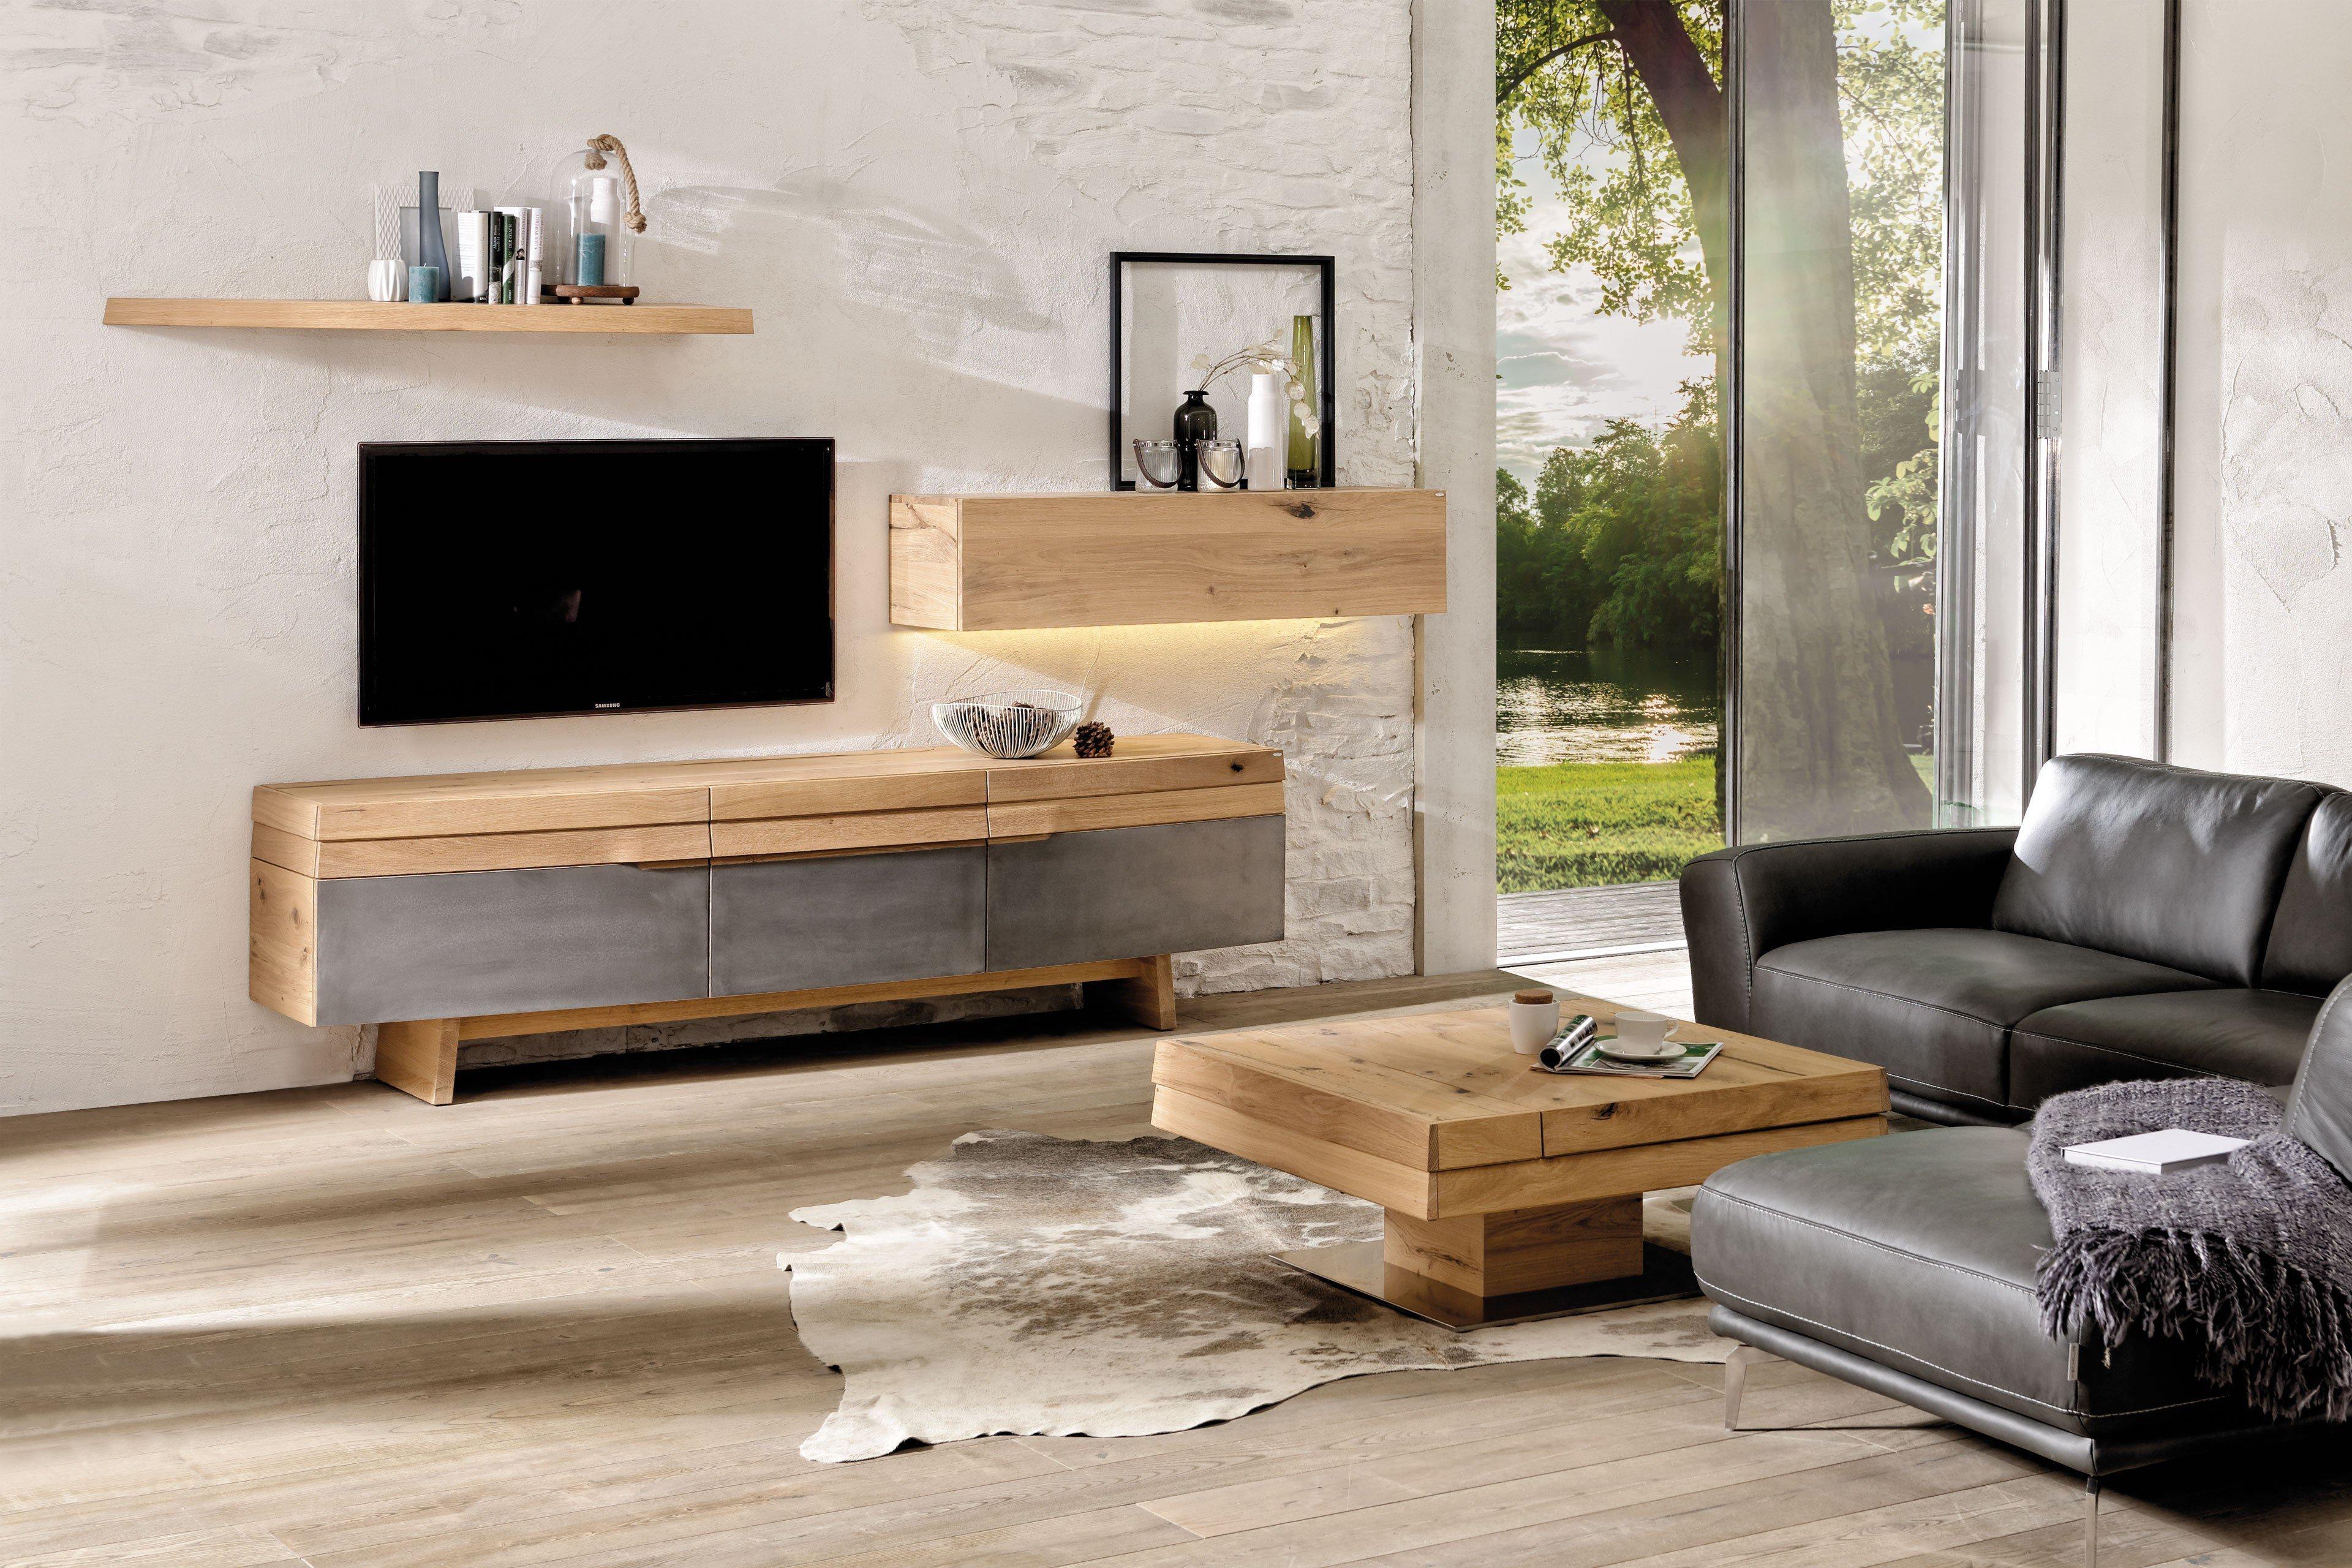 voglauer wohnwand v organo living eiche eisen m bel letz ihr online shop. Black Bedroom Furniture Sets. Home Design Ideas